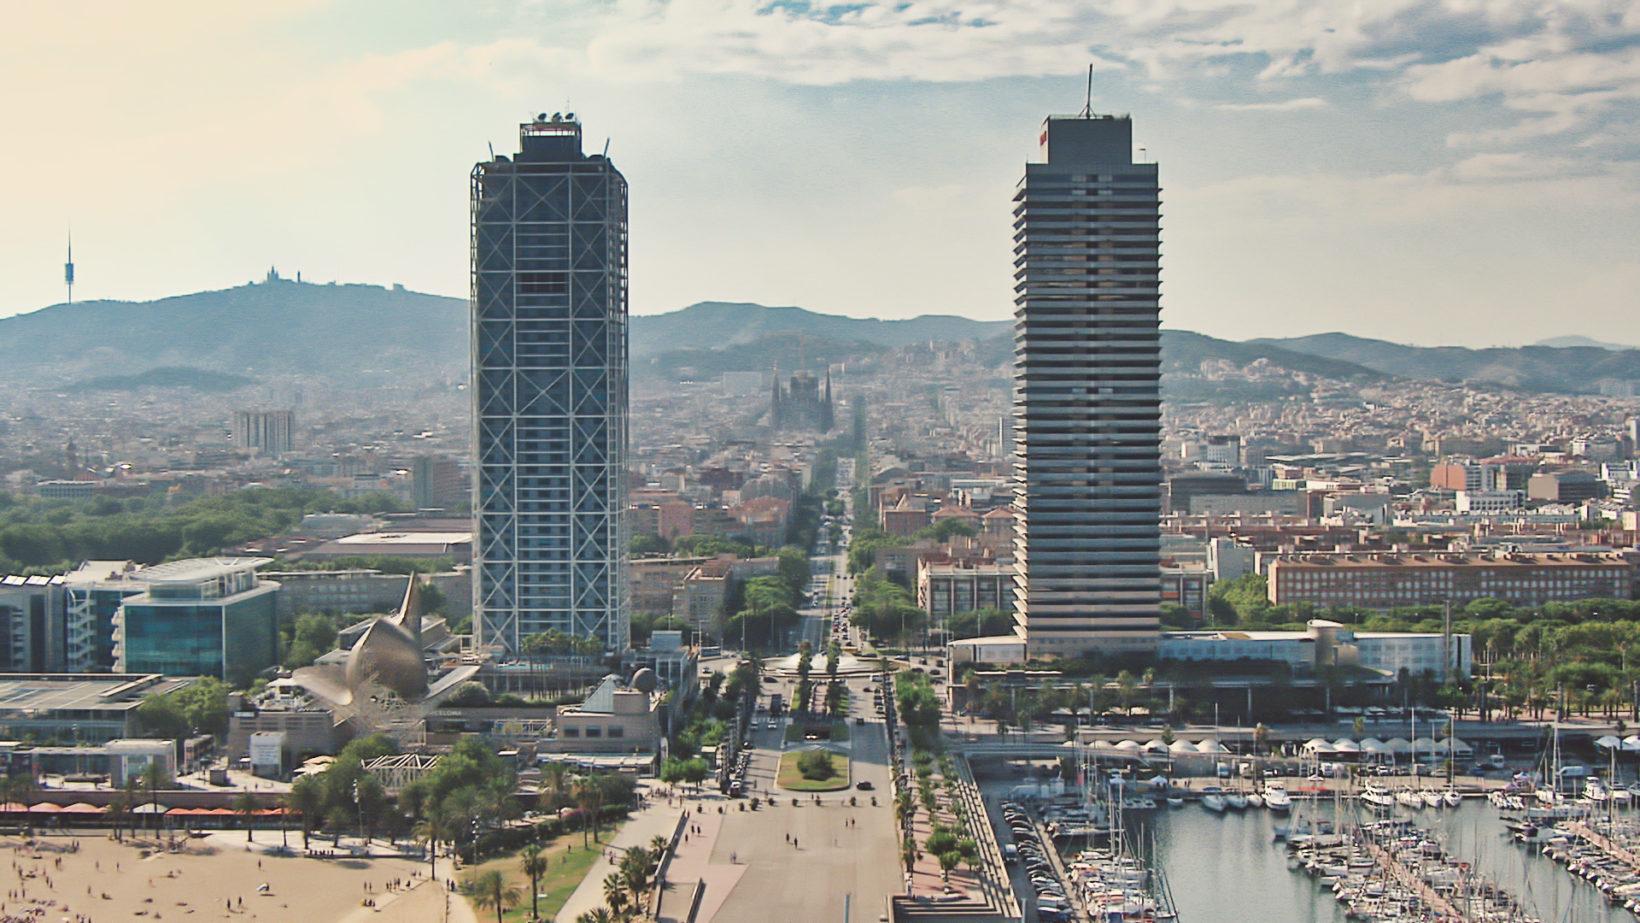 Filmaciones con Drone en Ciudad y CTR para Audiovisuales